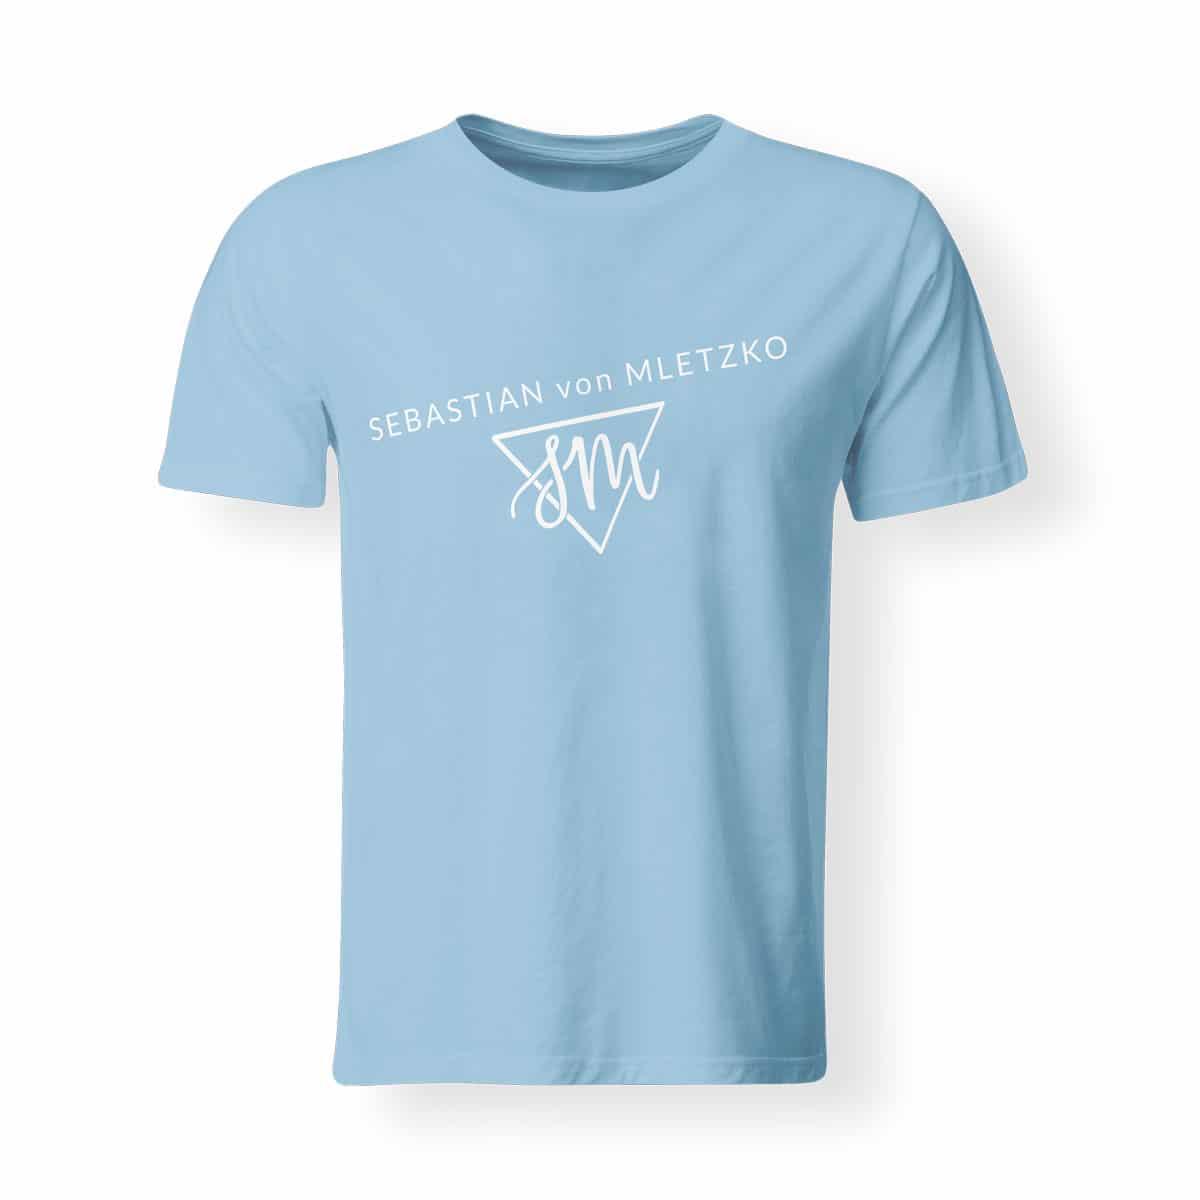 Sebastian von Mletzko T-Shirt Herren hellblau